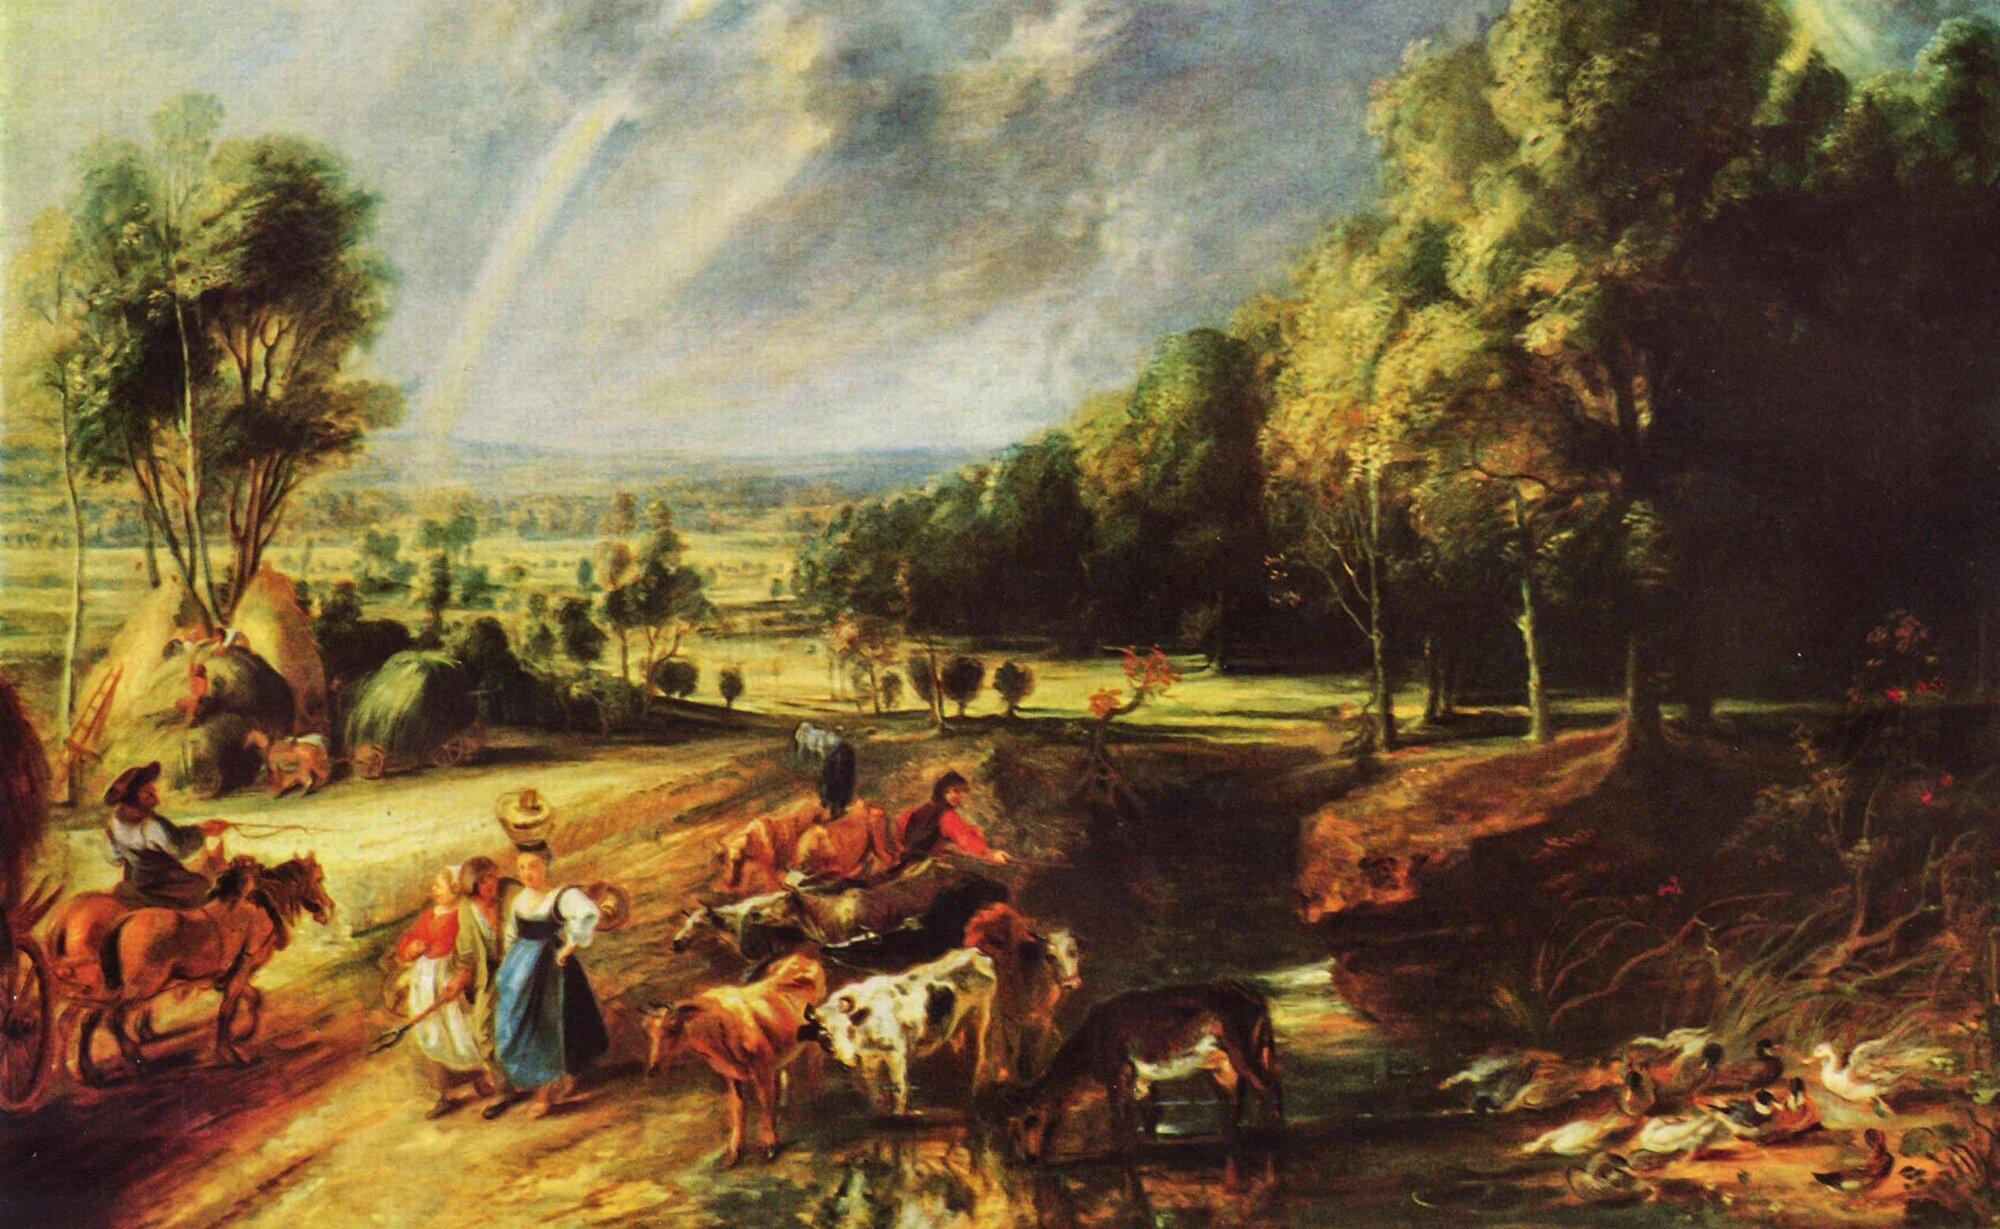 Krajobraz ztęczą Źródło: Peter Paul Rubens, Krajobraz ztęczą, 1640, obraz olejny, Alte Pinakothek, Monachium, domena publiczna.